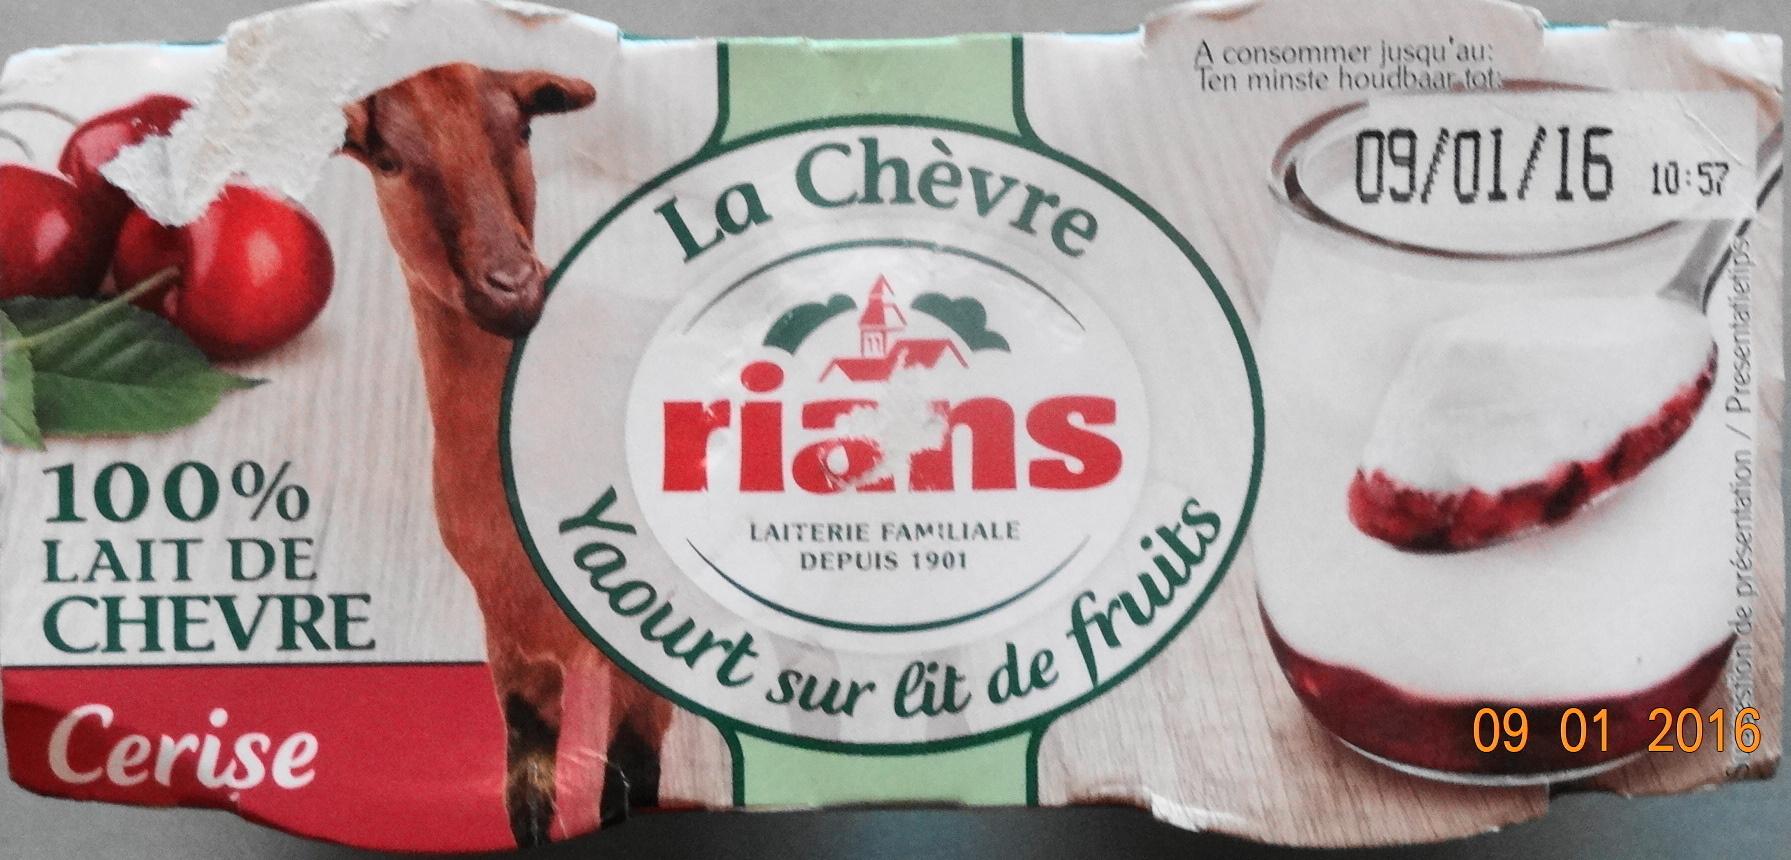 La Chèvre, yaourt sur lit de fruits : cérises - Produit